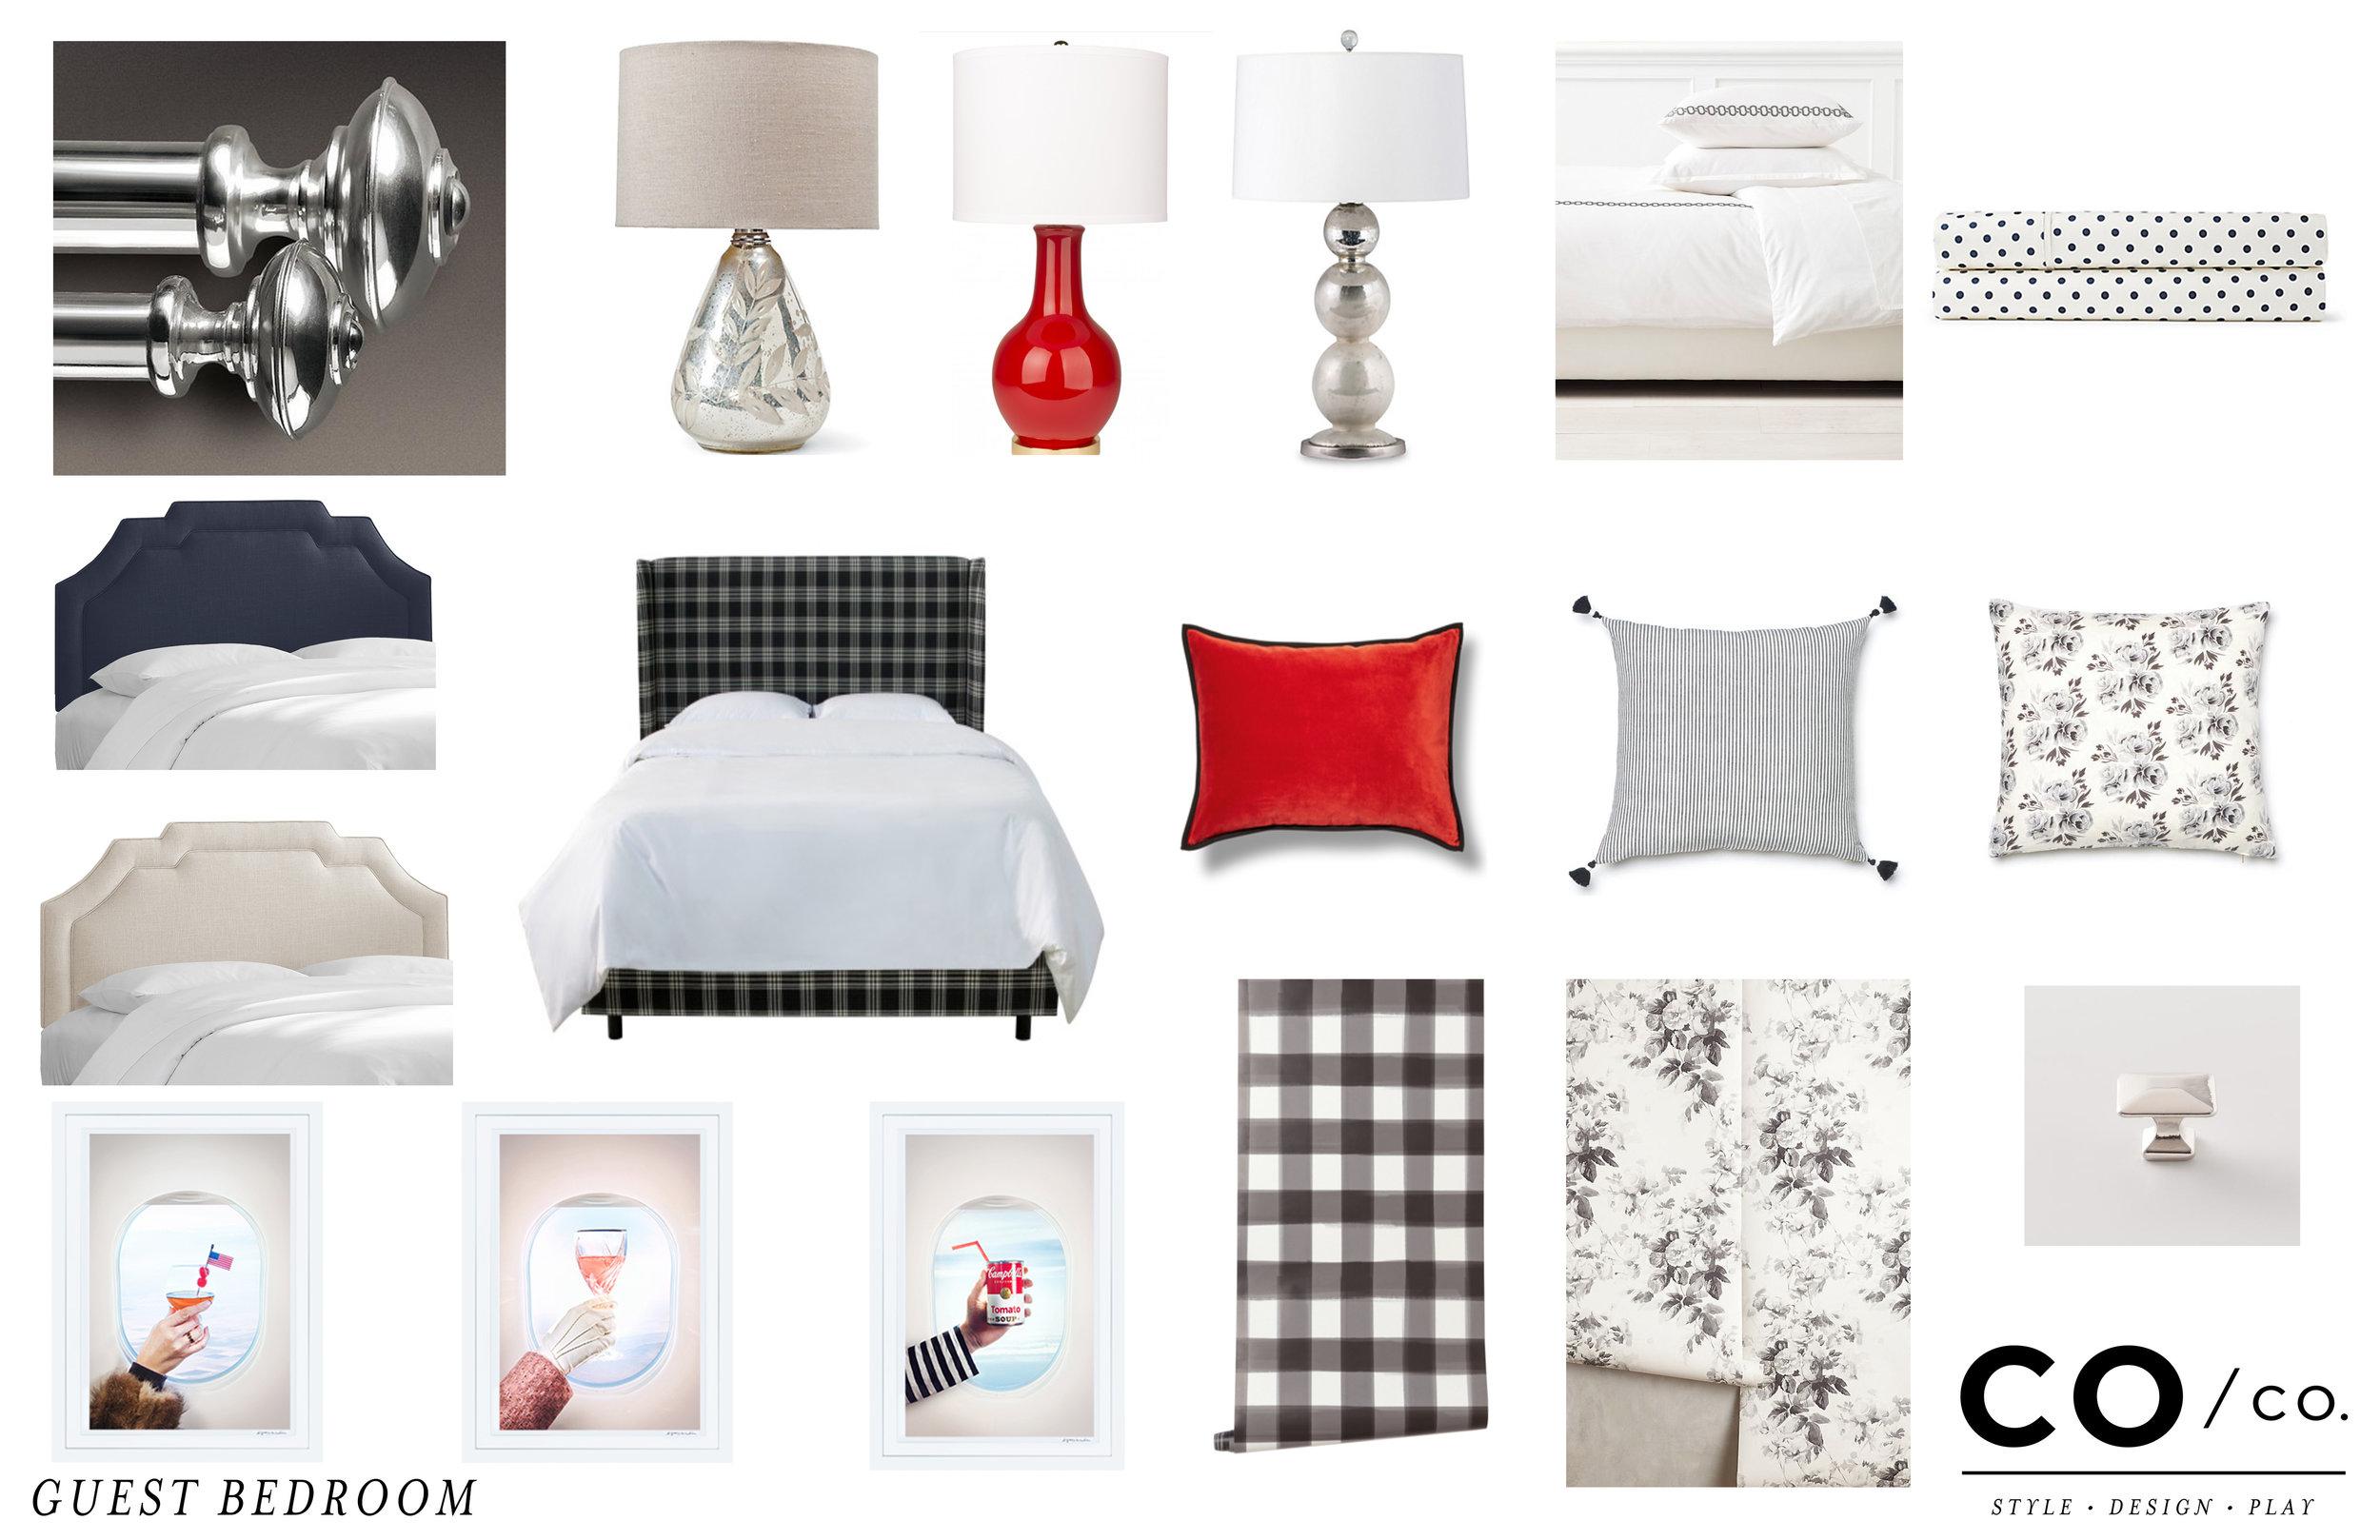 guest bedroom stuff 1.jpg